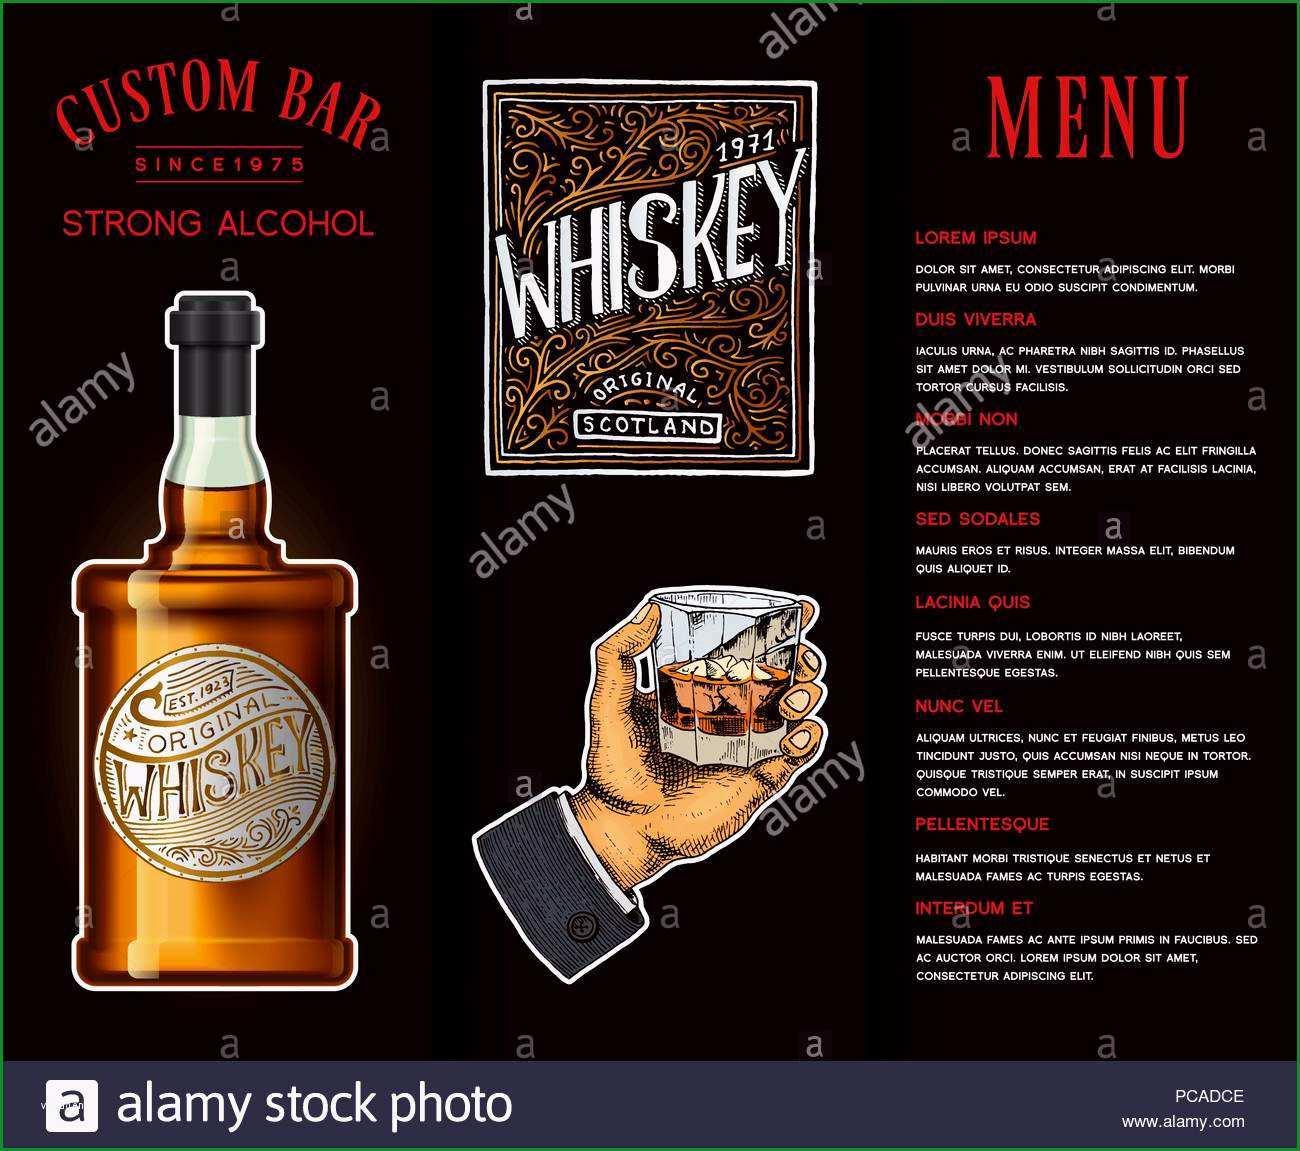 benutzerdefinierte etikett personalisiert whisky label etsy whisky etiketten vorlage